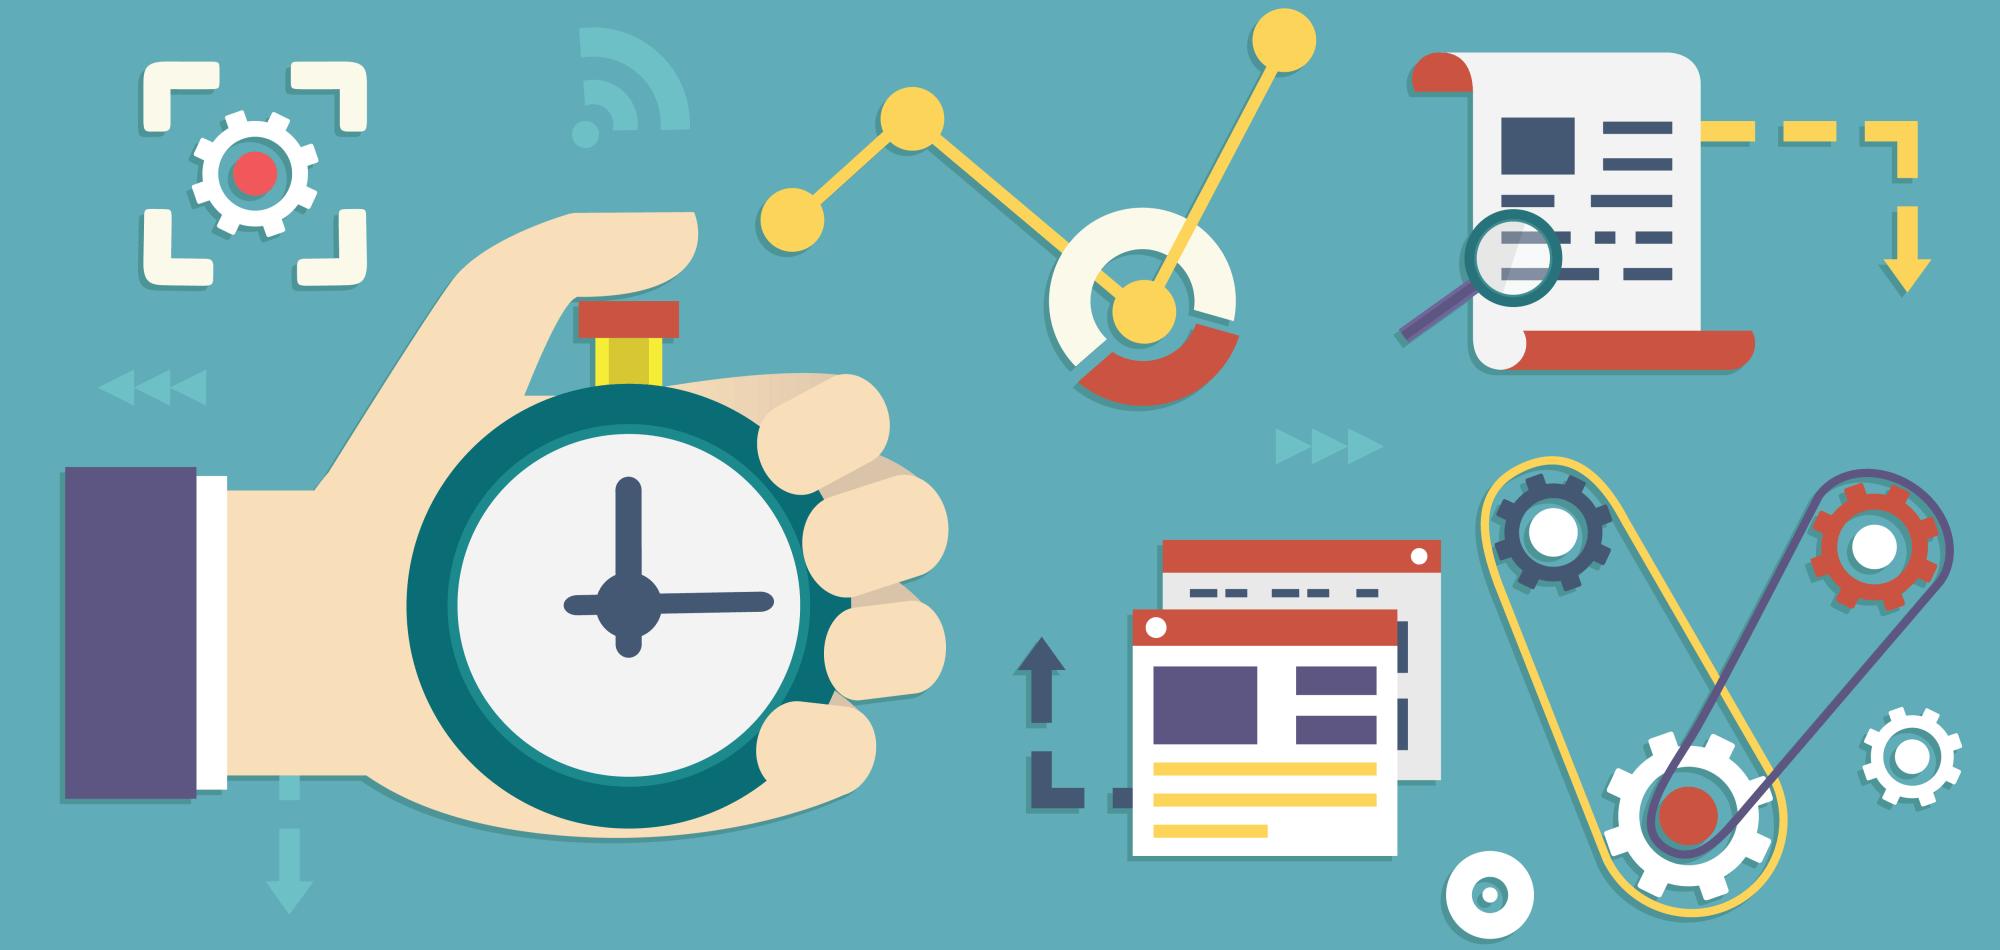 15 Langkah untuk Meningkatkan Produktivitas di Tempat Kerja